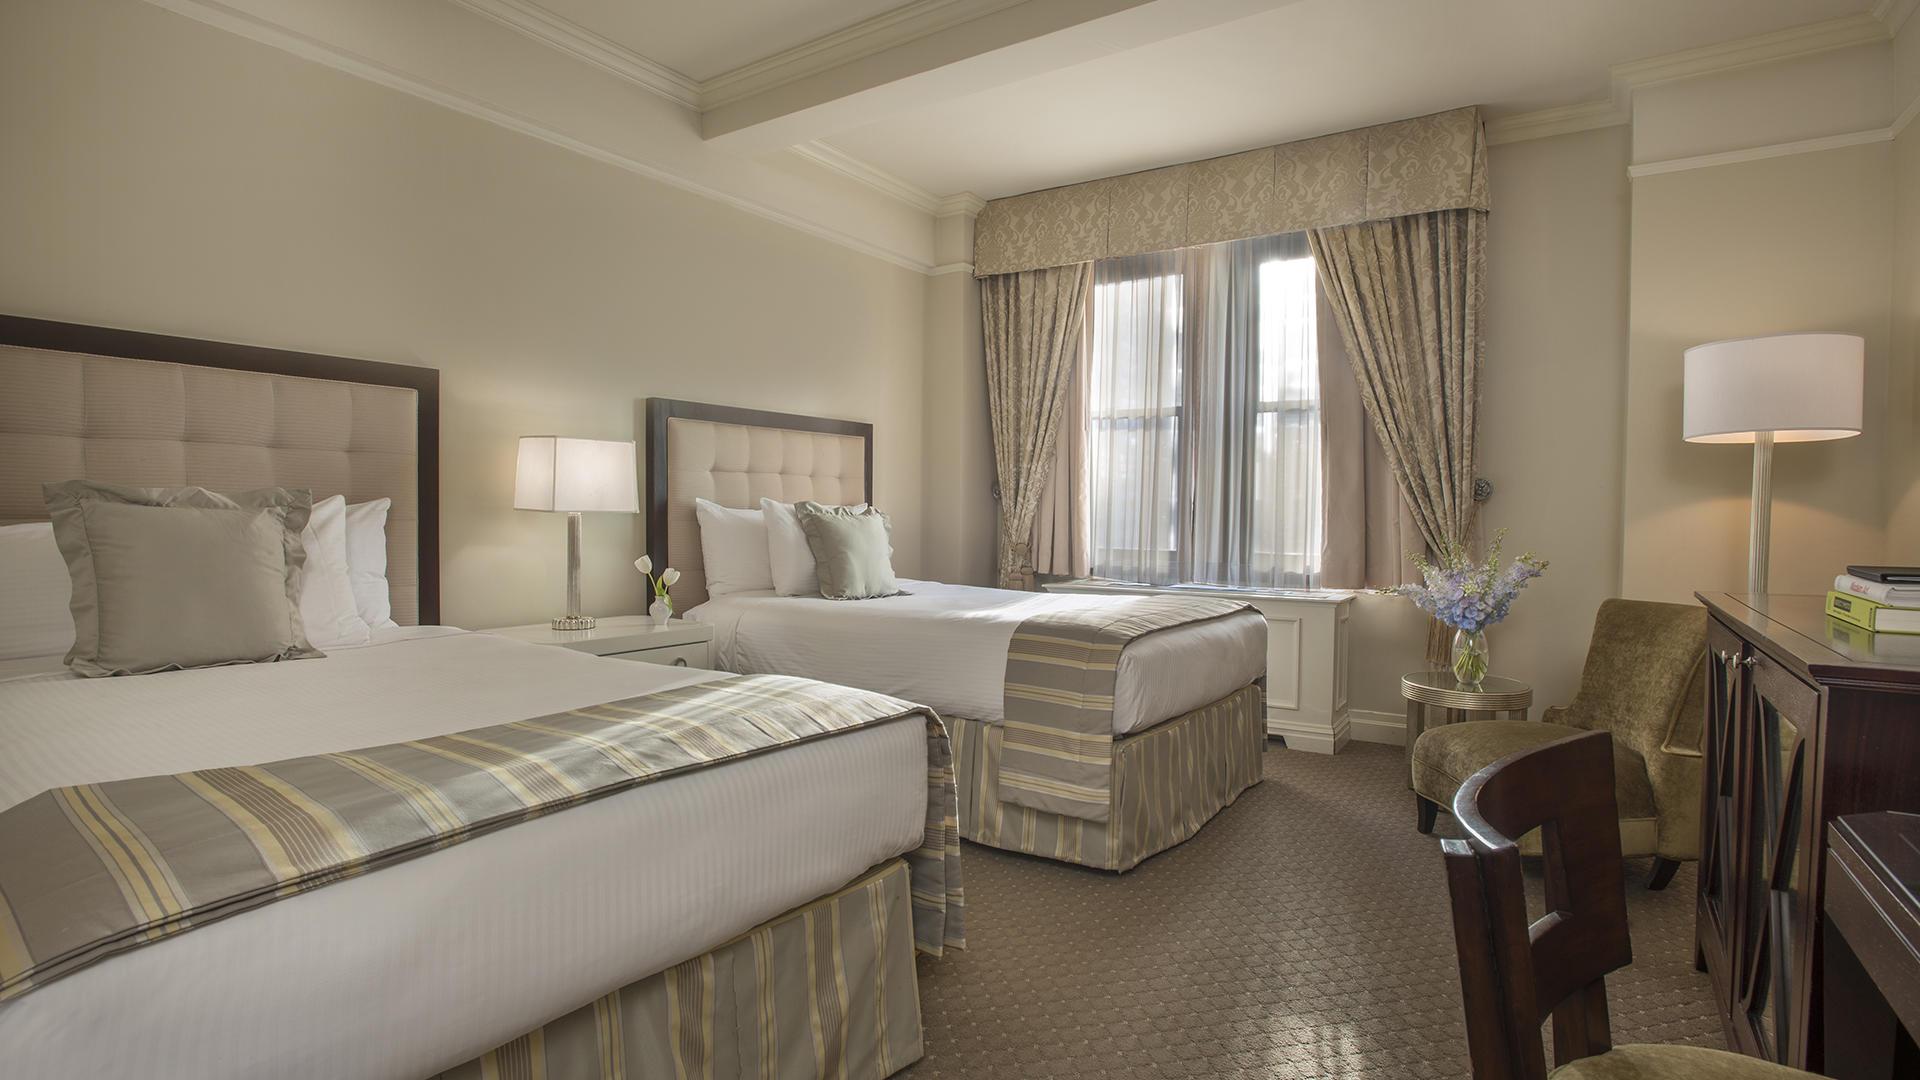 Premiere plus double bed